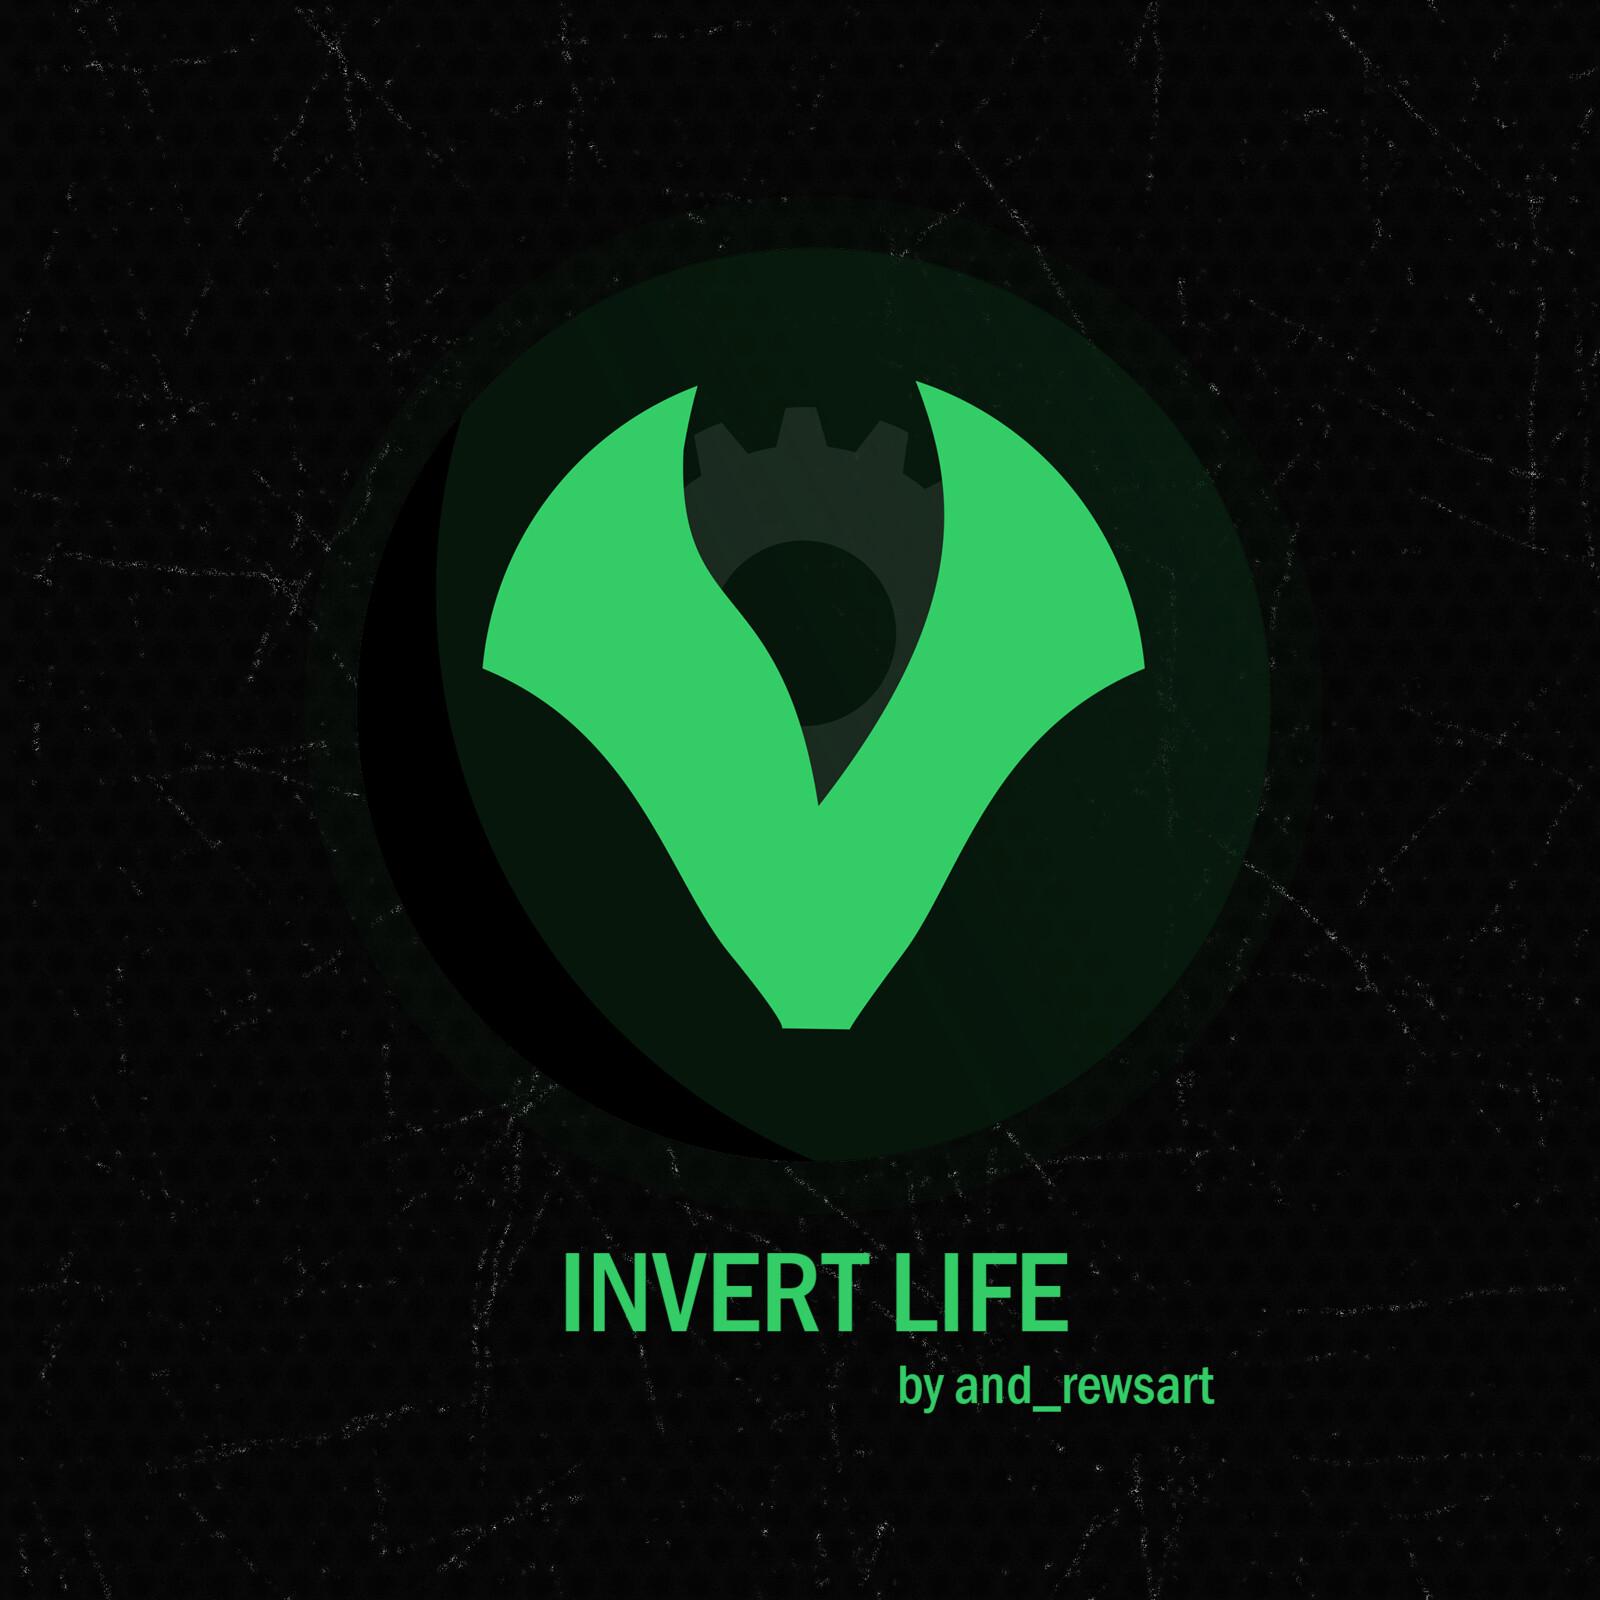 Invert Life Game Logo